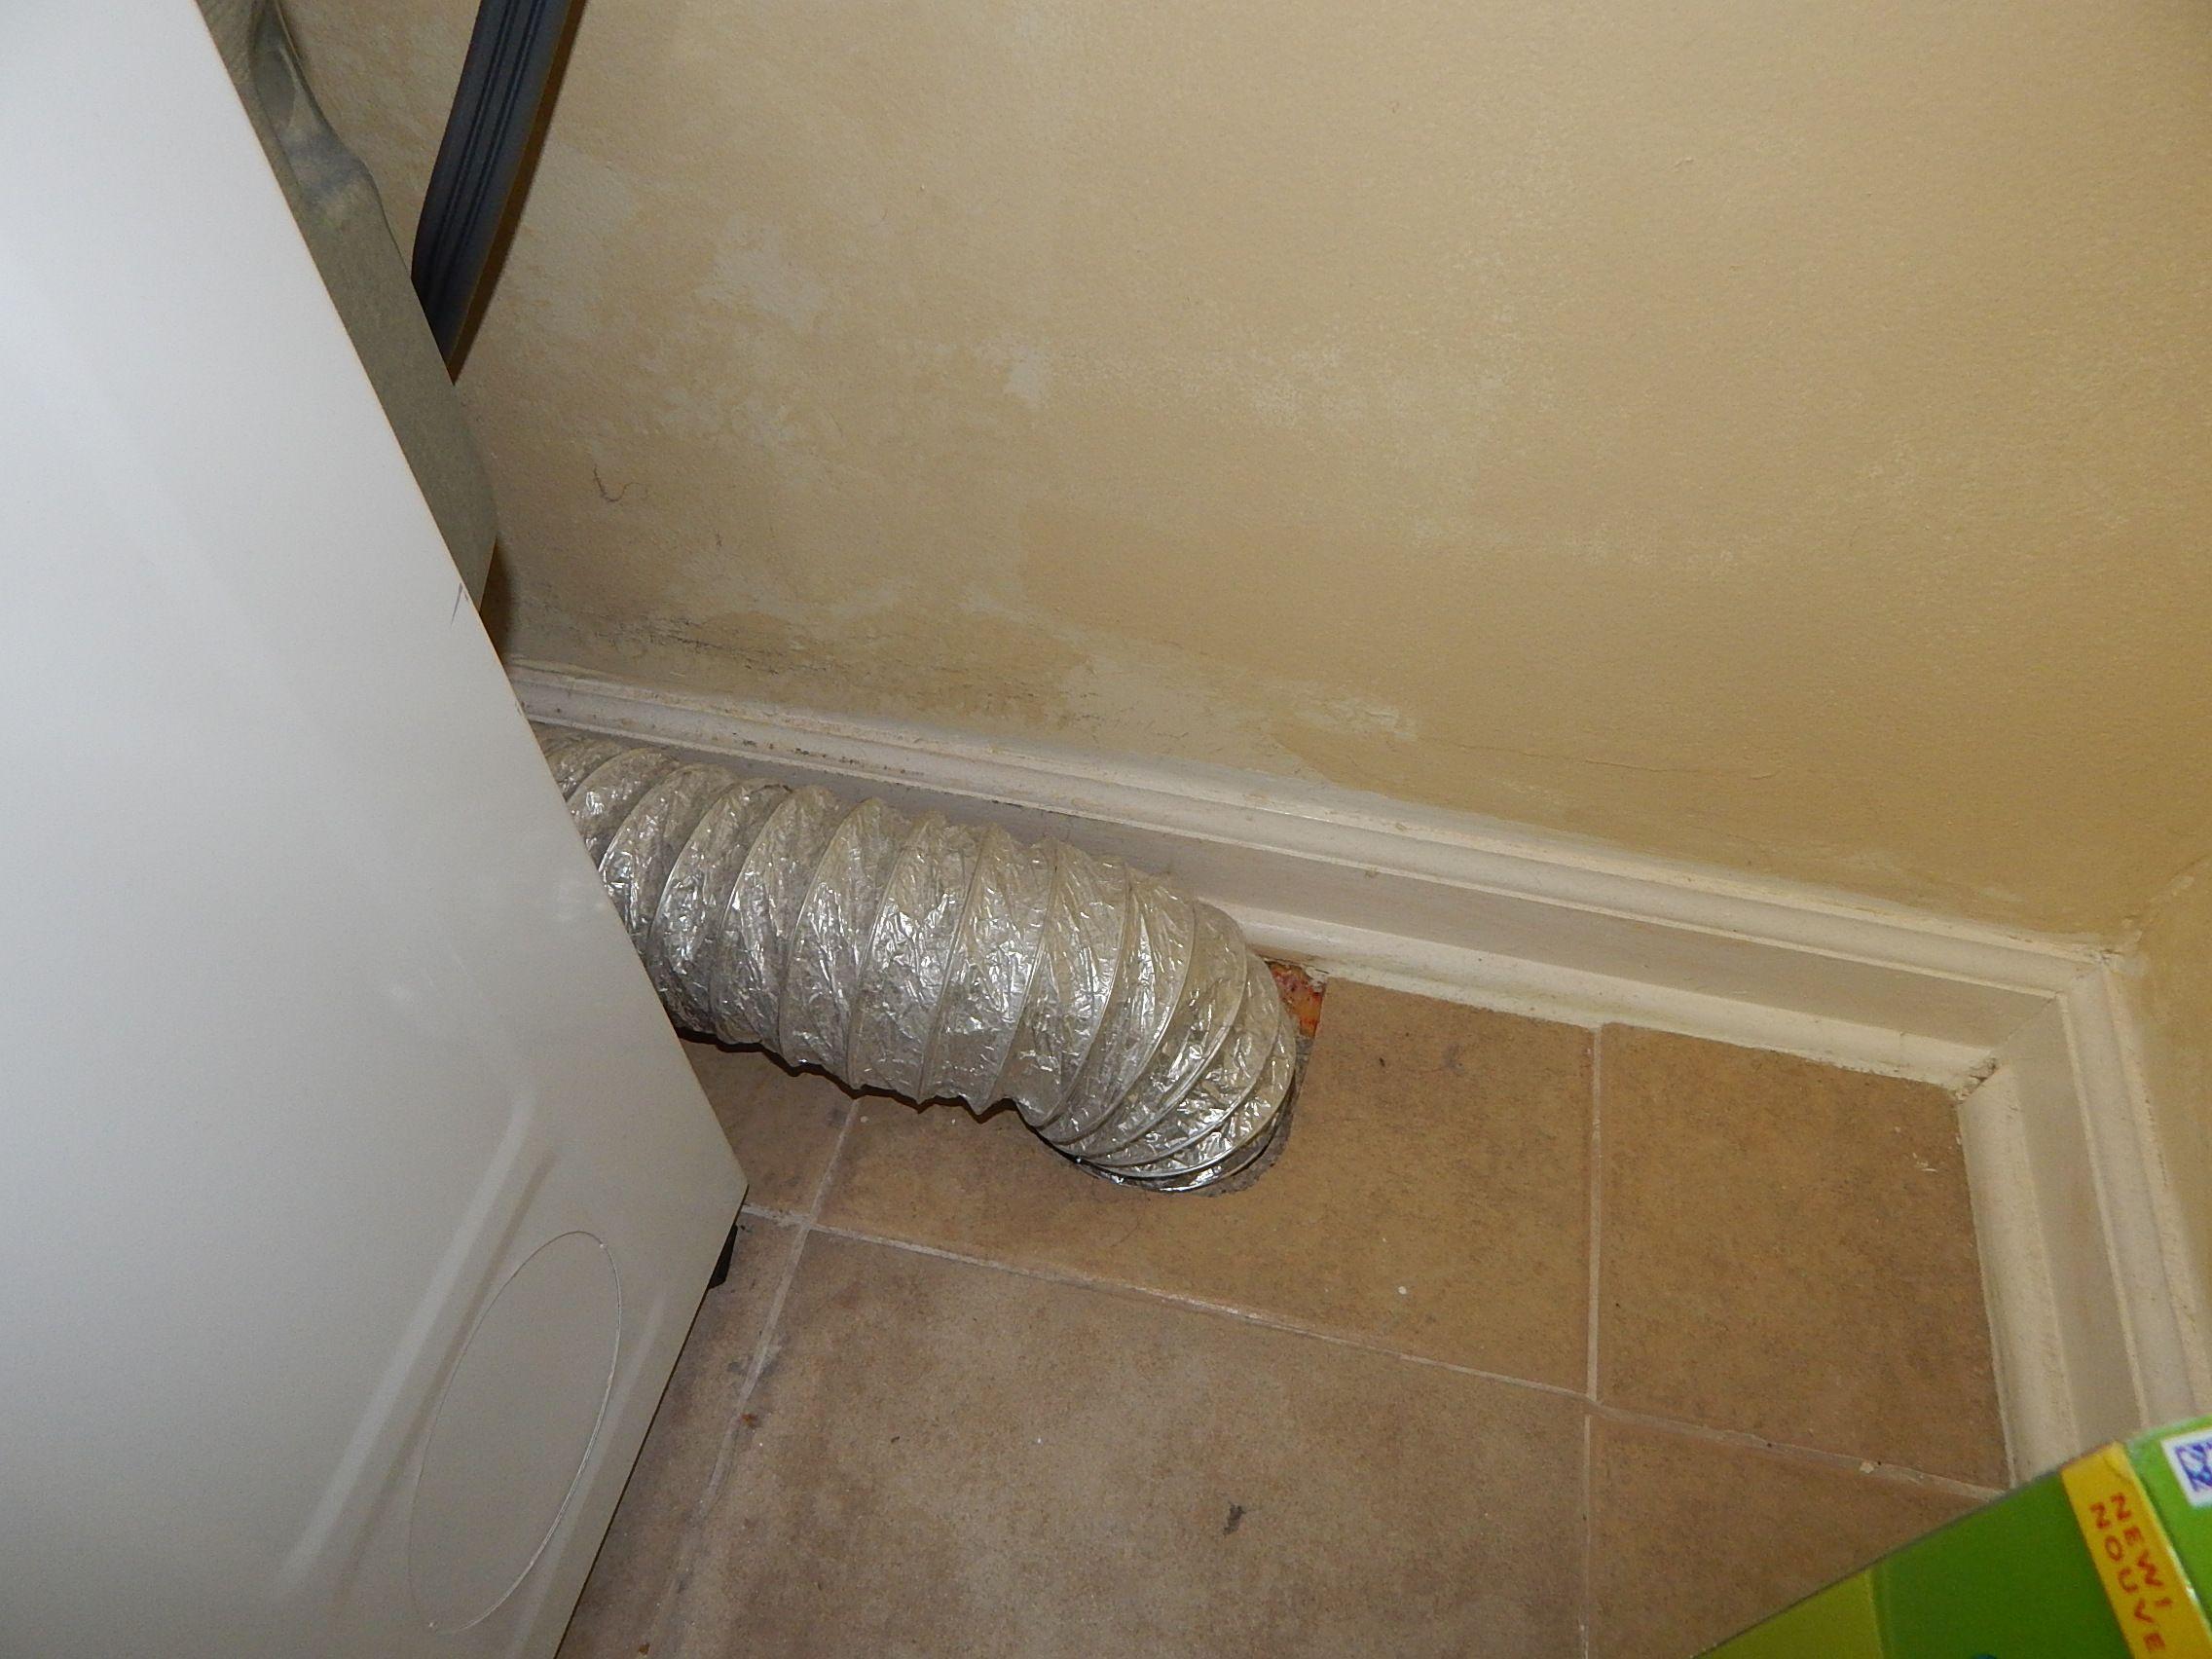 Flex Dryer Vent Through Floor Only Solid Metal Should Penetrate Floors Walls